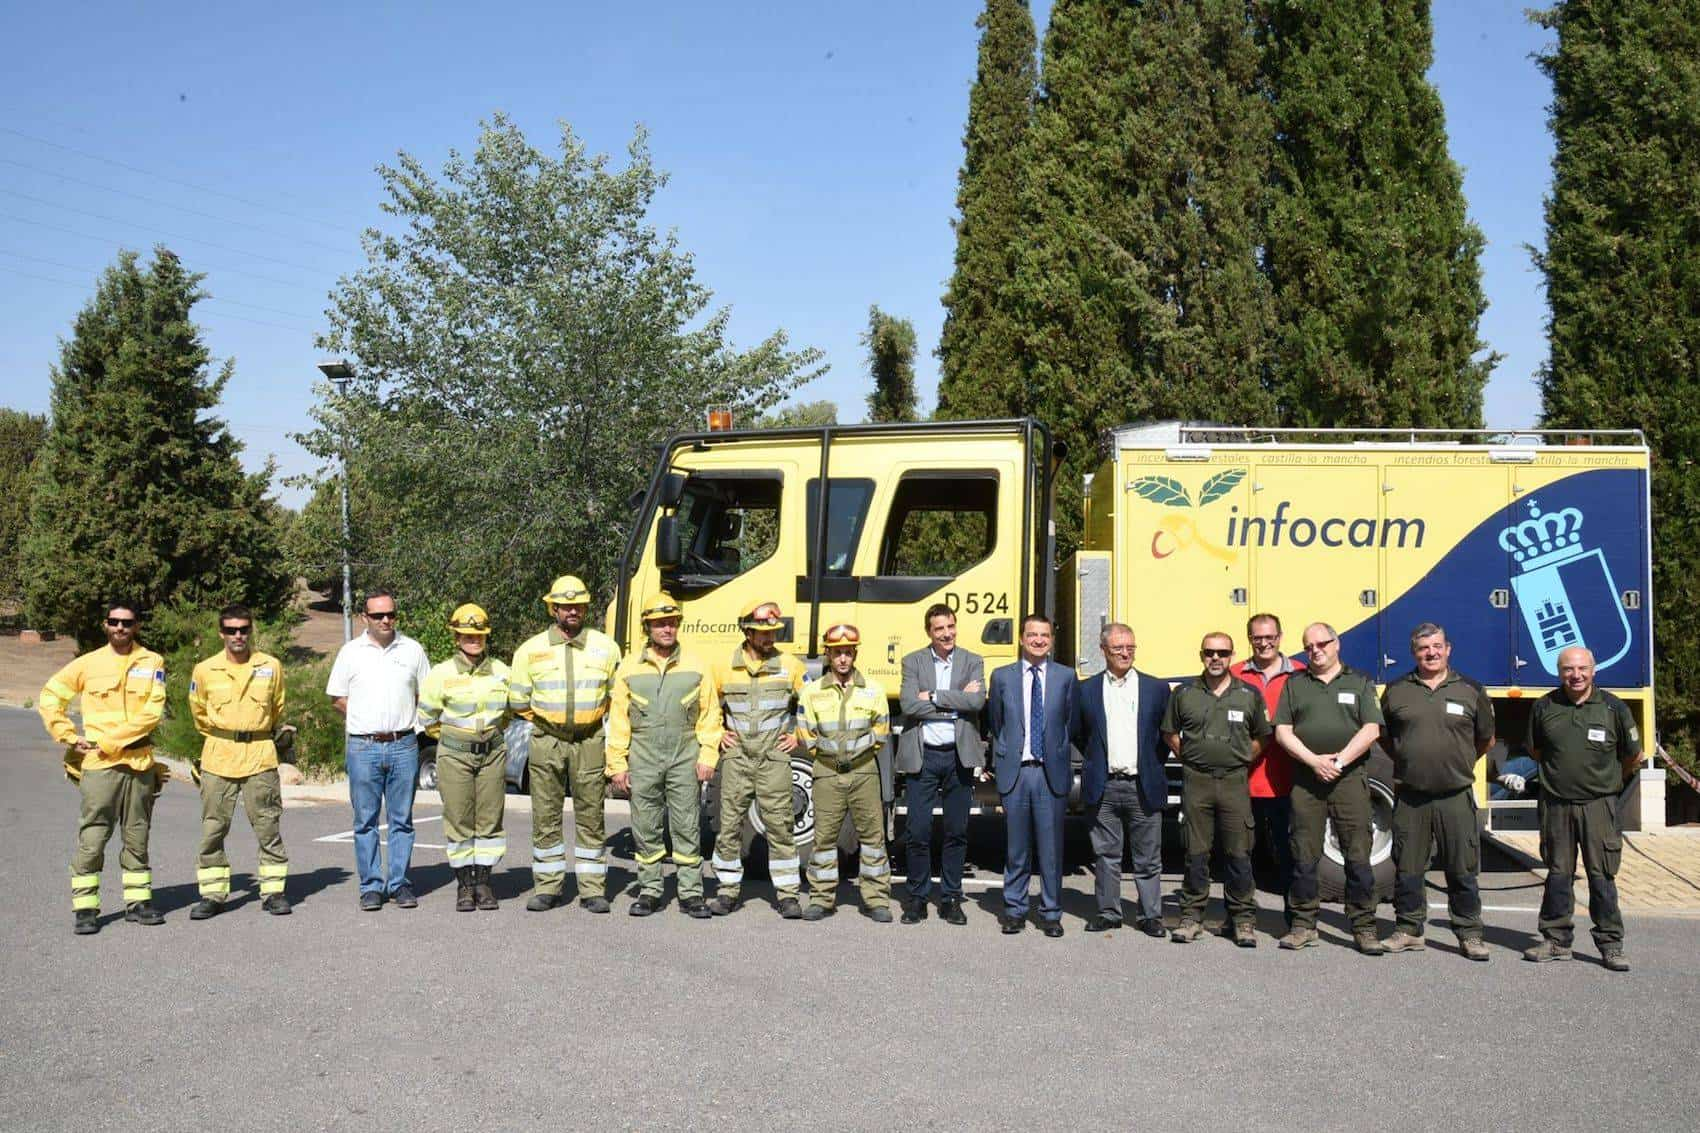 Más de 3.000 personas participan en la campaña contra incendios en Castilla-La Mancha 3